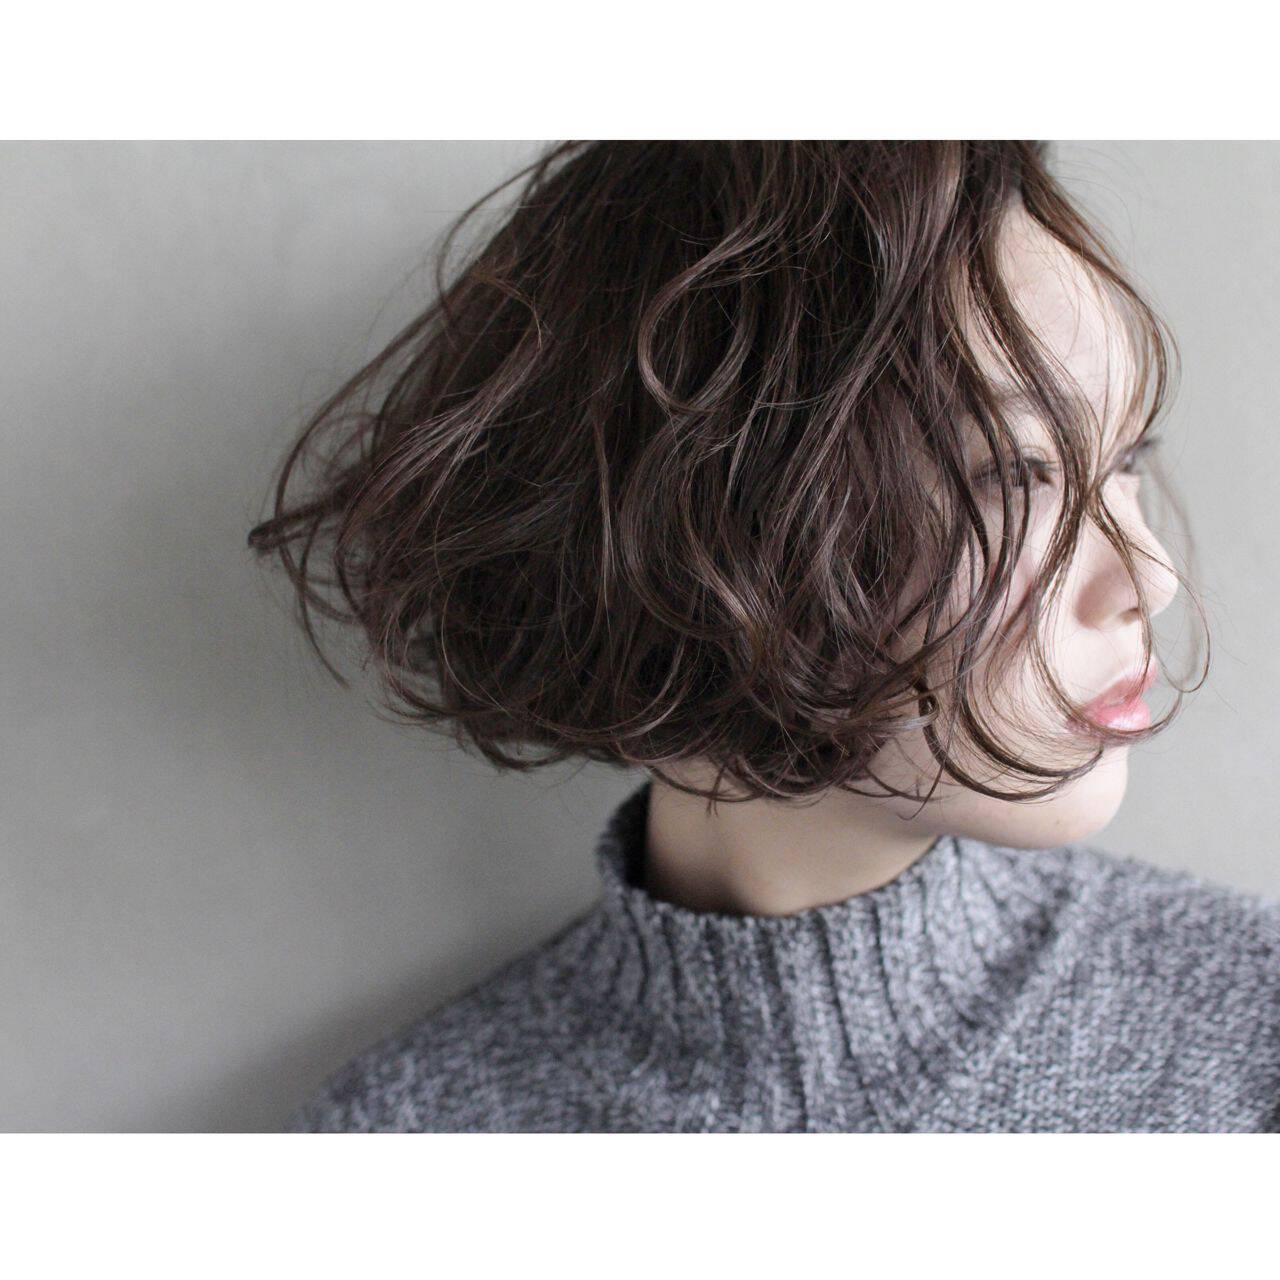 モード ボブ 抜け感 束感ヘアスタイルや髪型の写真・画像